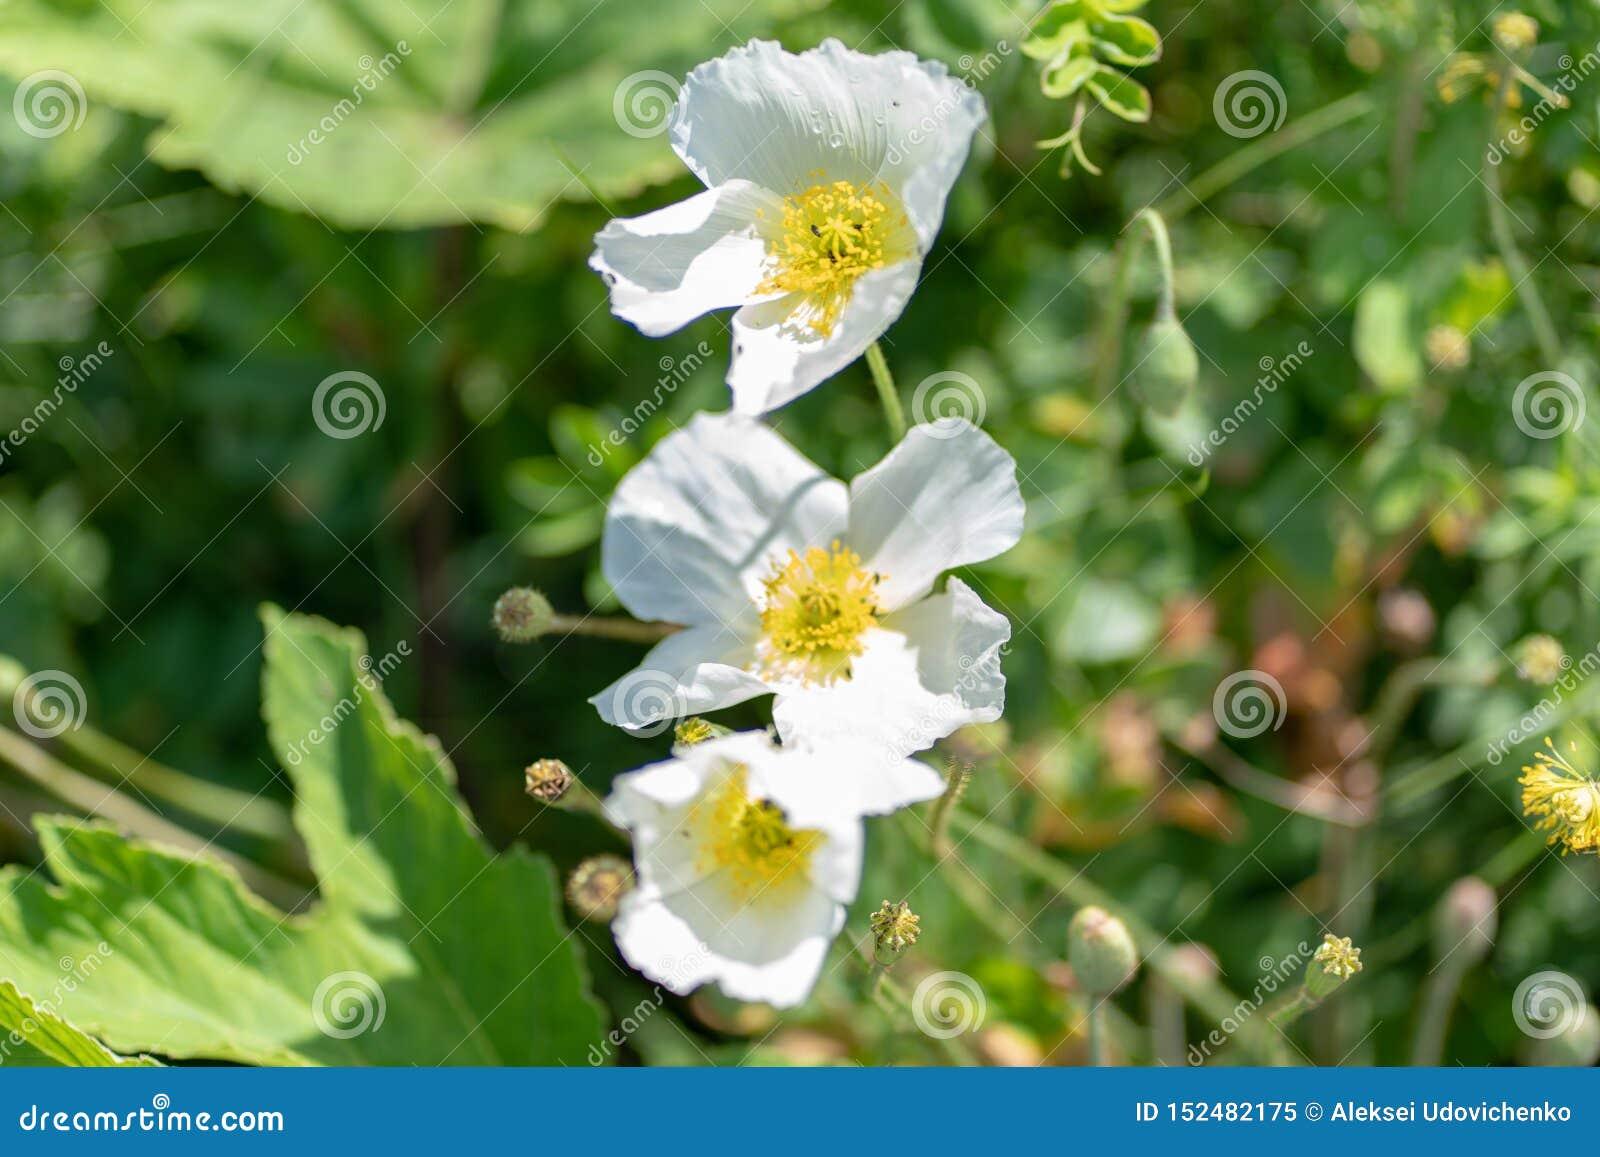 Tiro macro de uma flor branca em um fundo natural em um foco macio